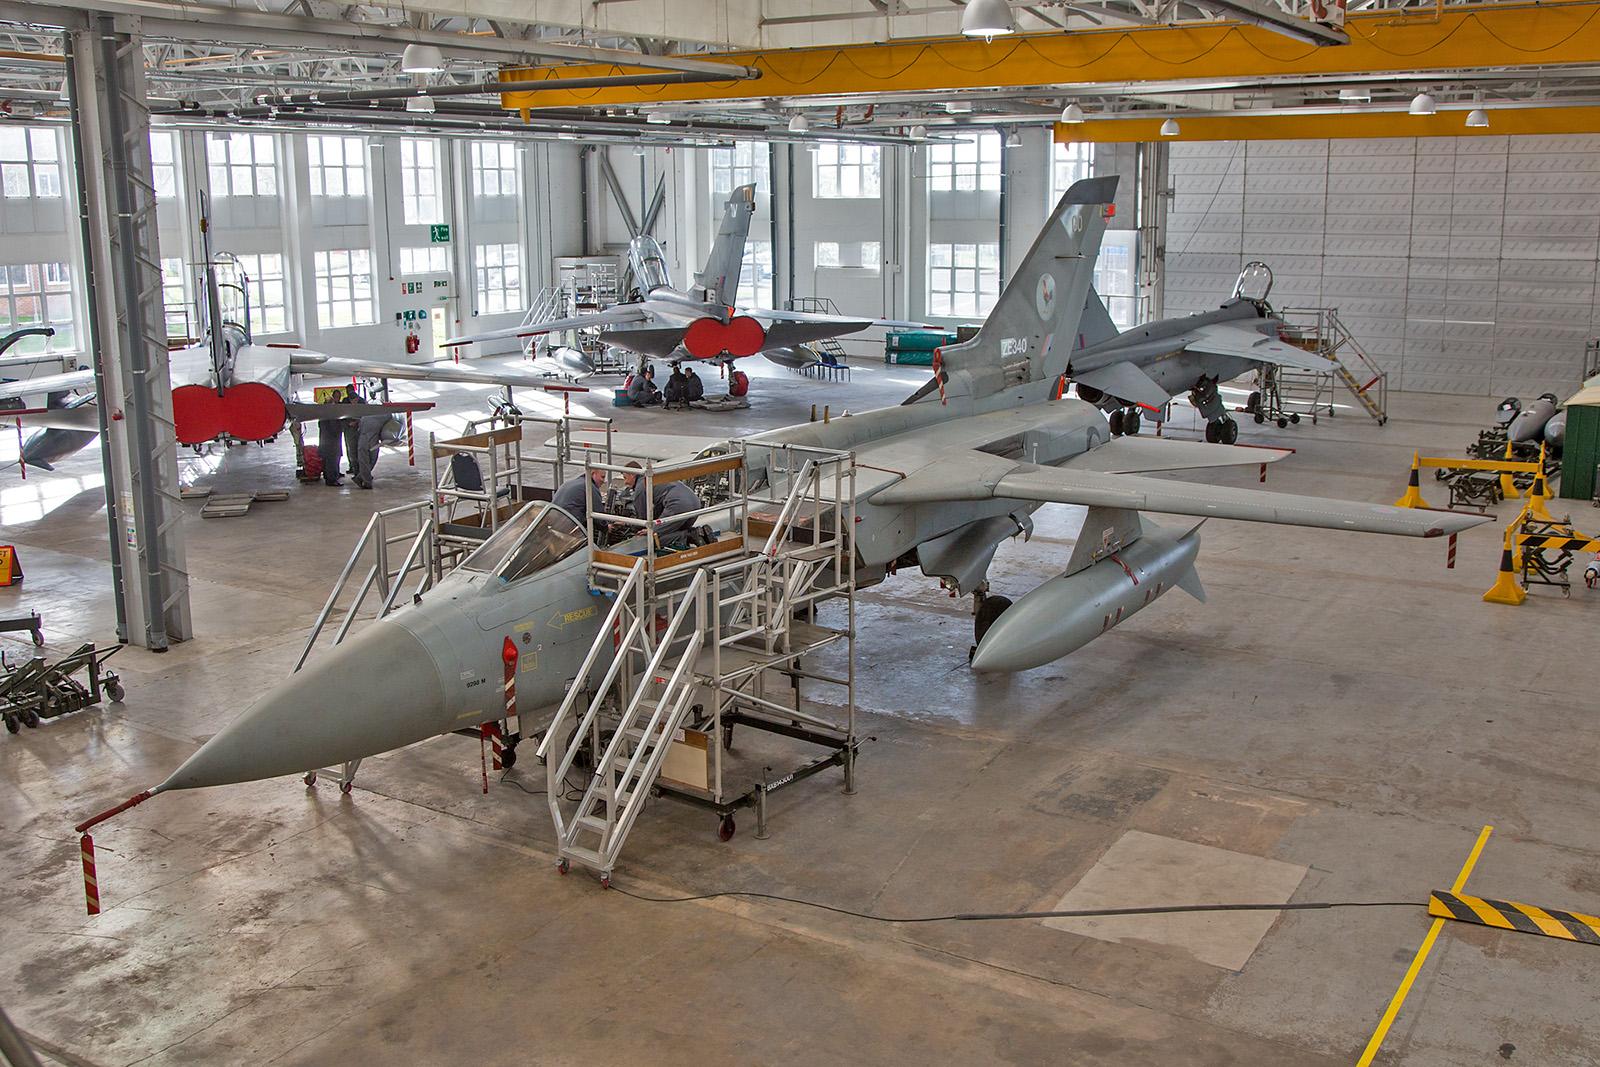 Montage des Schleudersitzes an einem Tornado F.3.